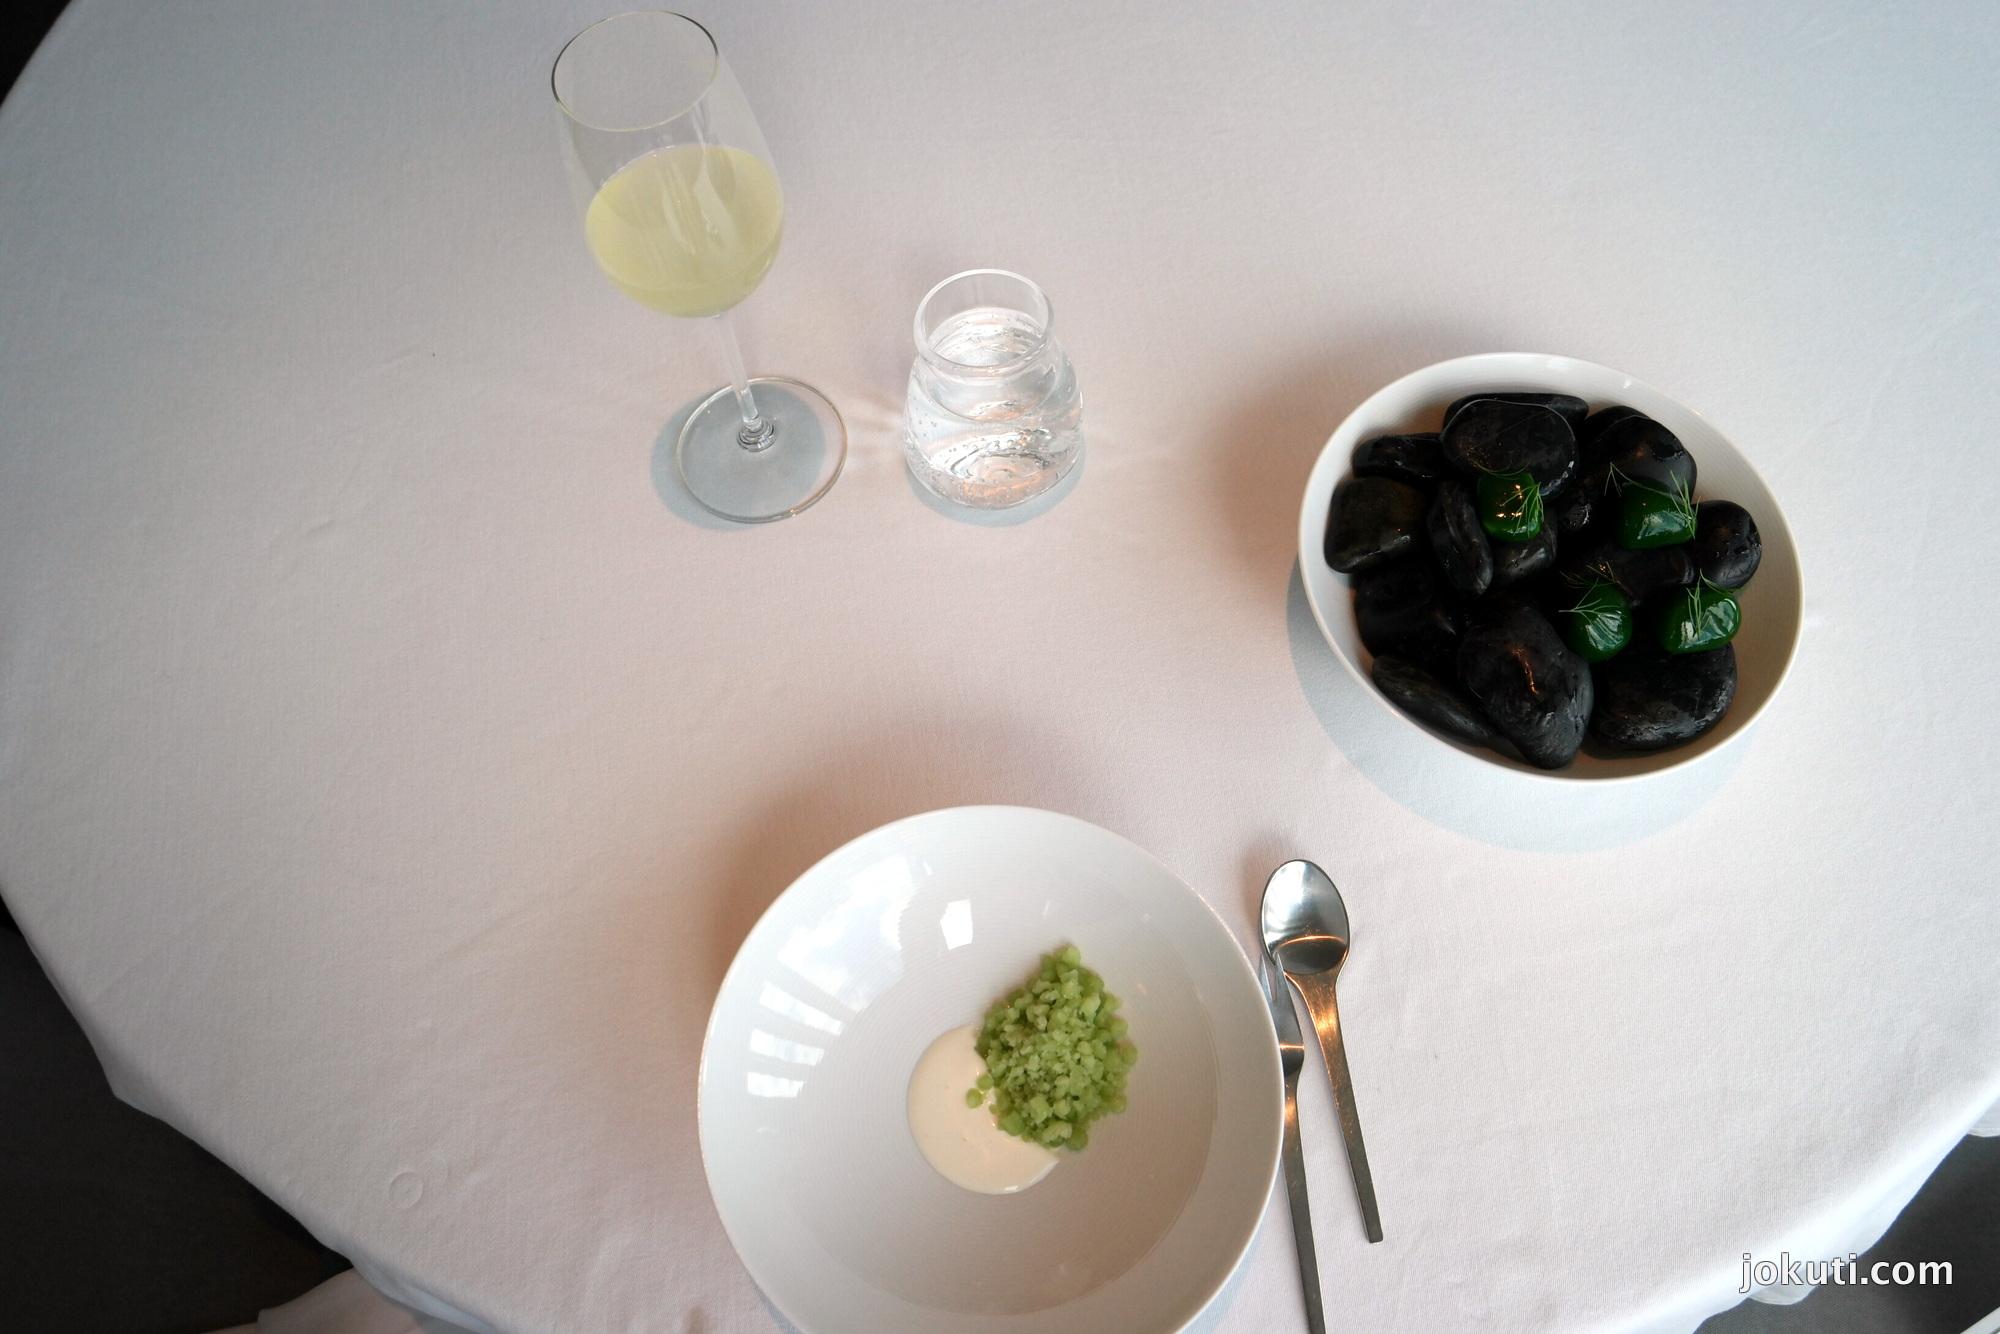 'Kaporkő' - Szent Jakab kagyló, torma és savanyított uborka szorbé<br />Az egyik leghíresebb Geranium-klasszikus. Fantasztikusan friss íz, meglepő módon erősen emlékeztet a tejfölöd uborkasalátára :)